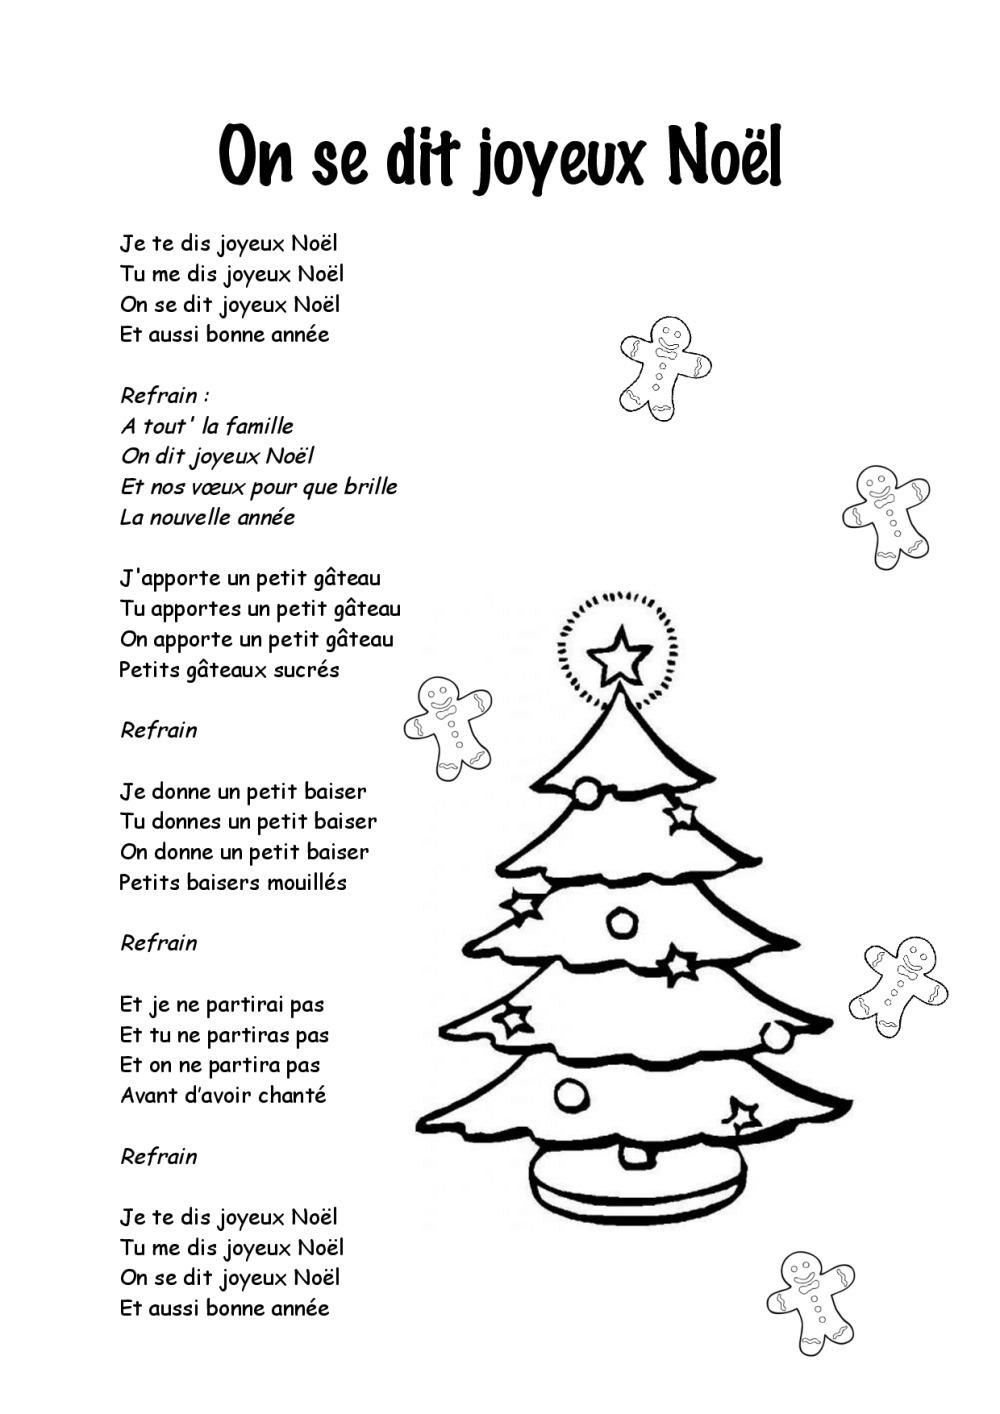 Paroles Chansons De Noël | Bdrp tout Chansons Du Pere Noel